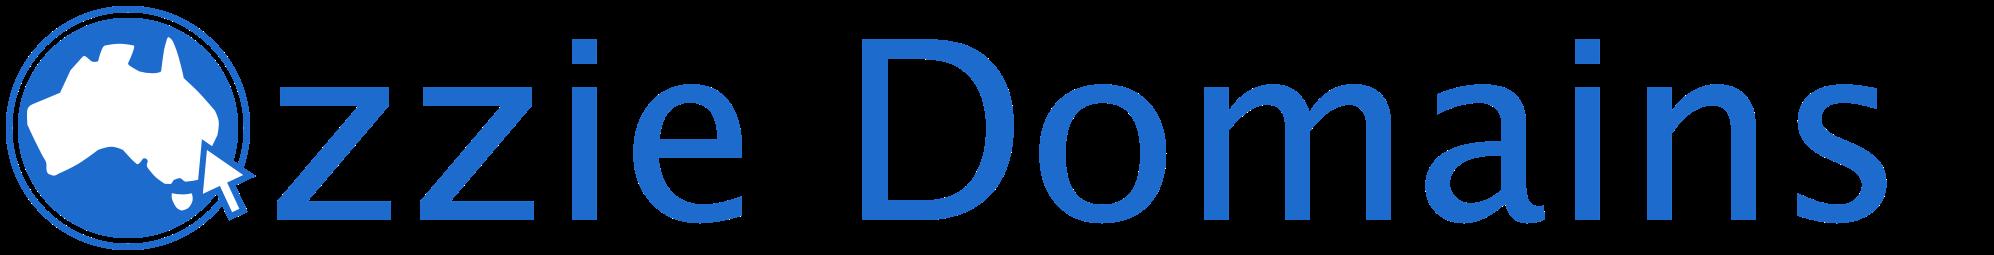 Ozzie Domains